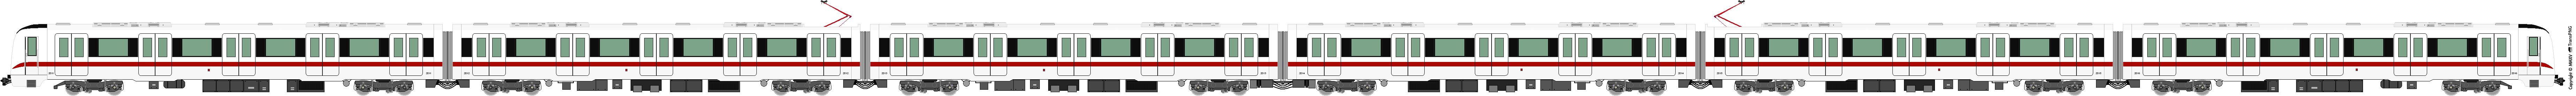 [5223] 深セン市地鉄 5223